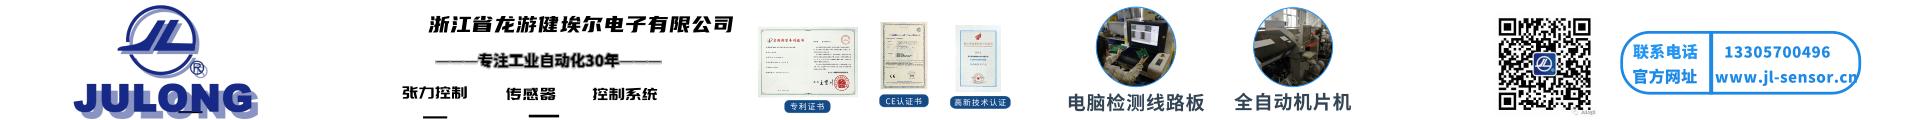 浙江省龙游健埃尔电子有限公司